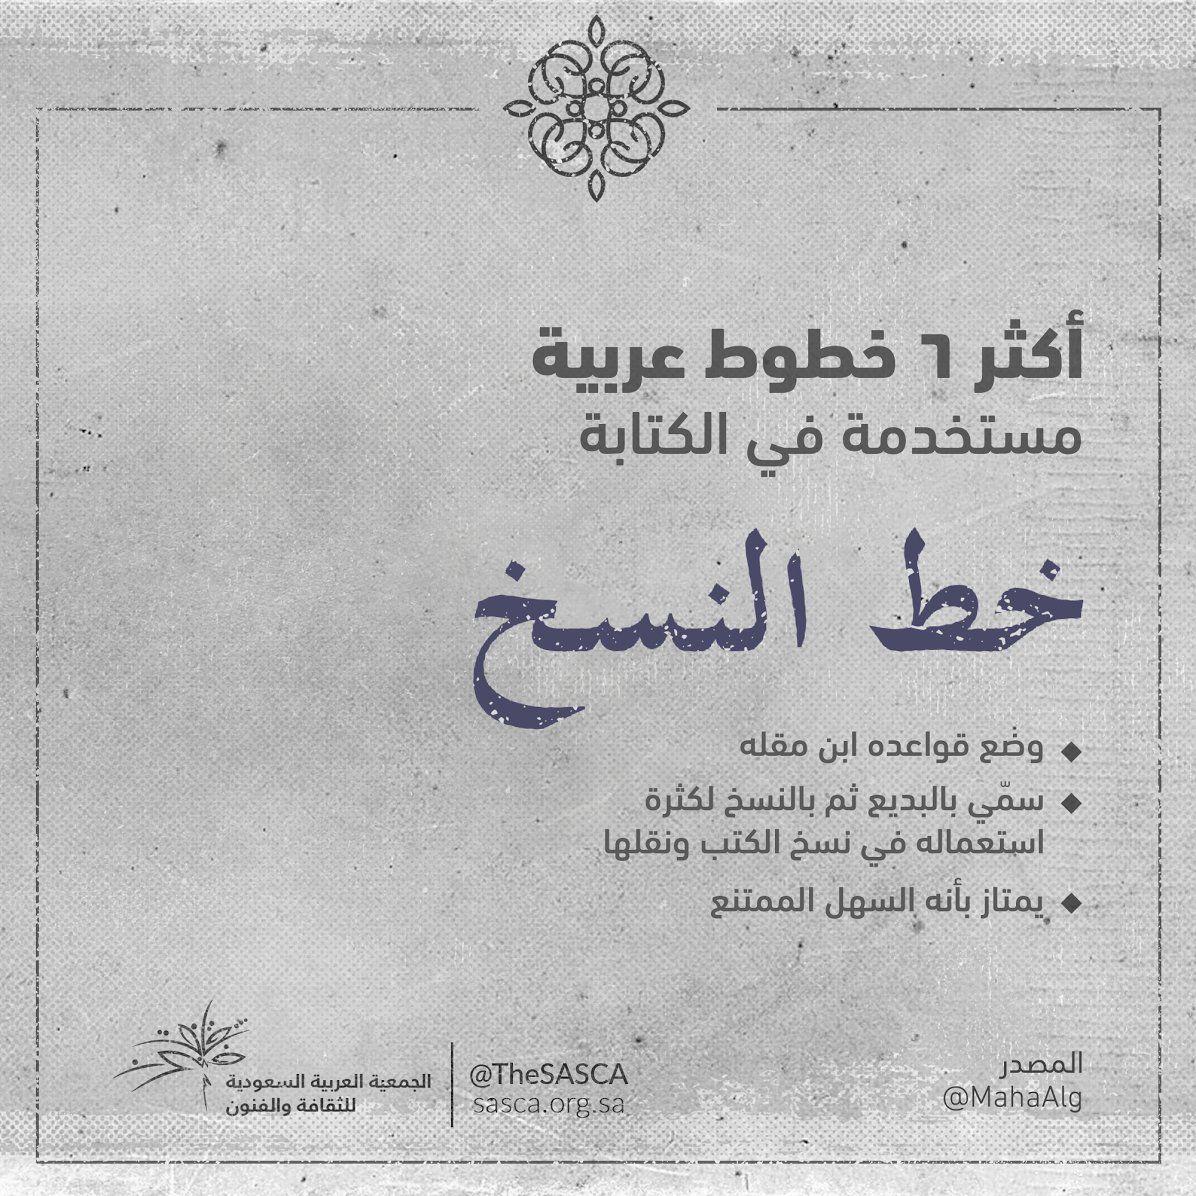 الثقافة والفنون Thesasca تويتر Arabic Calligraphy Art Calligraphy